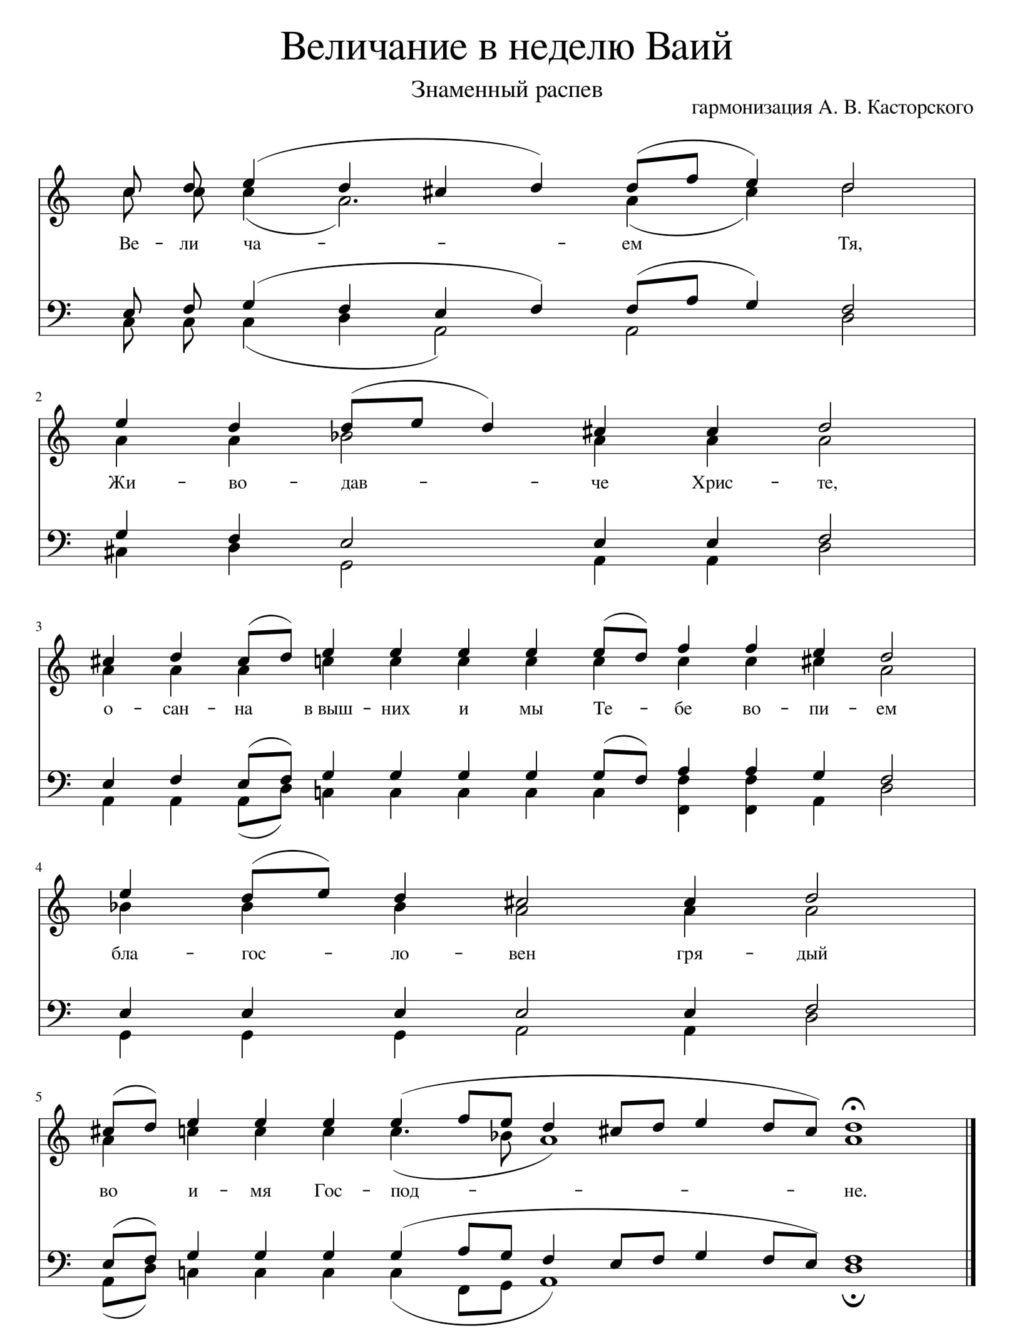 Величание в неделю Ваий. Знаменный распев. Гармонизация А. В. Касторского